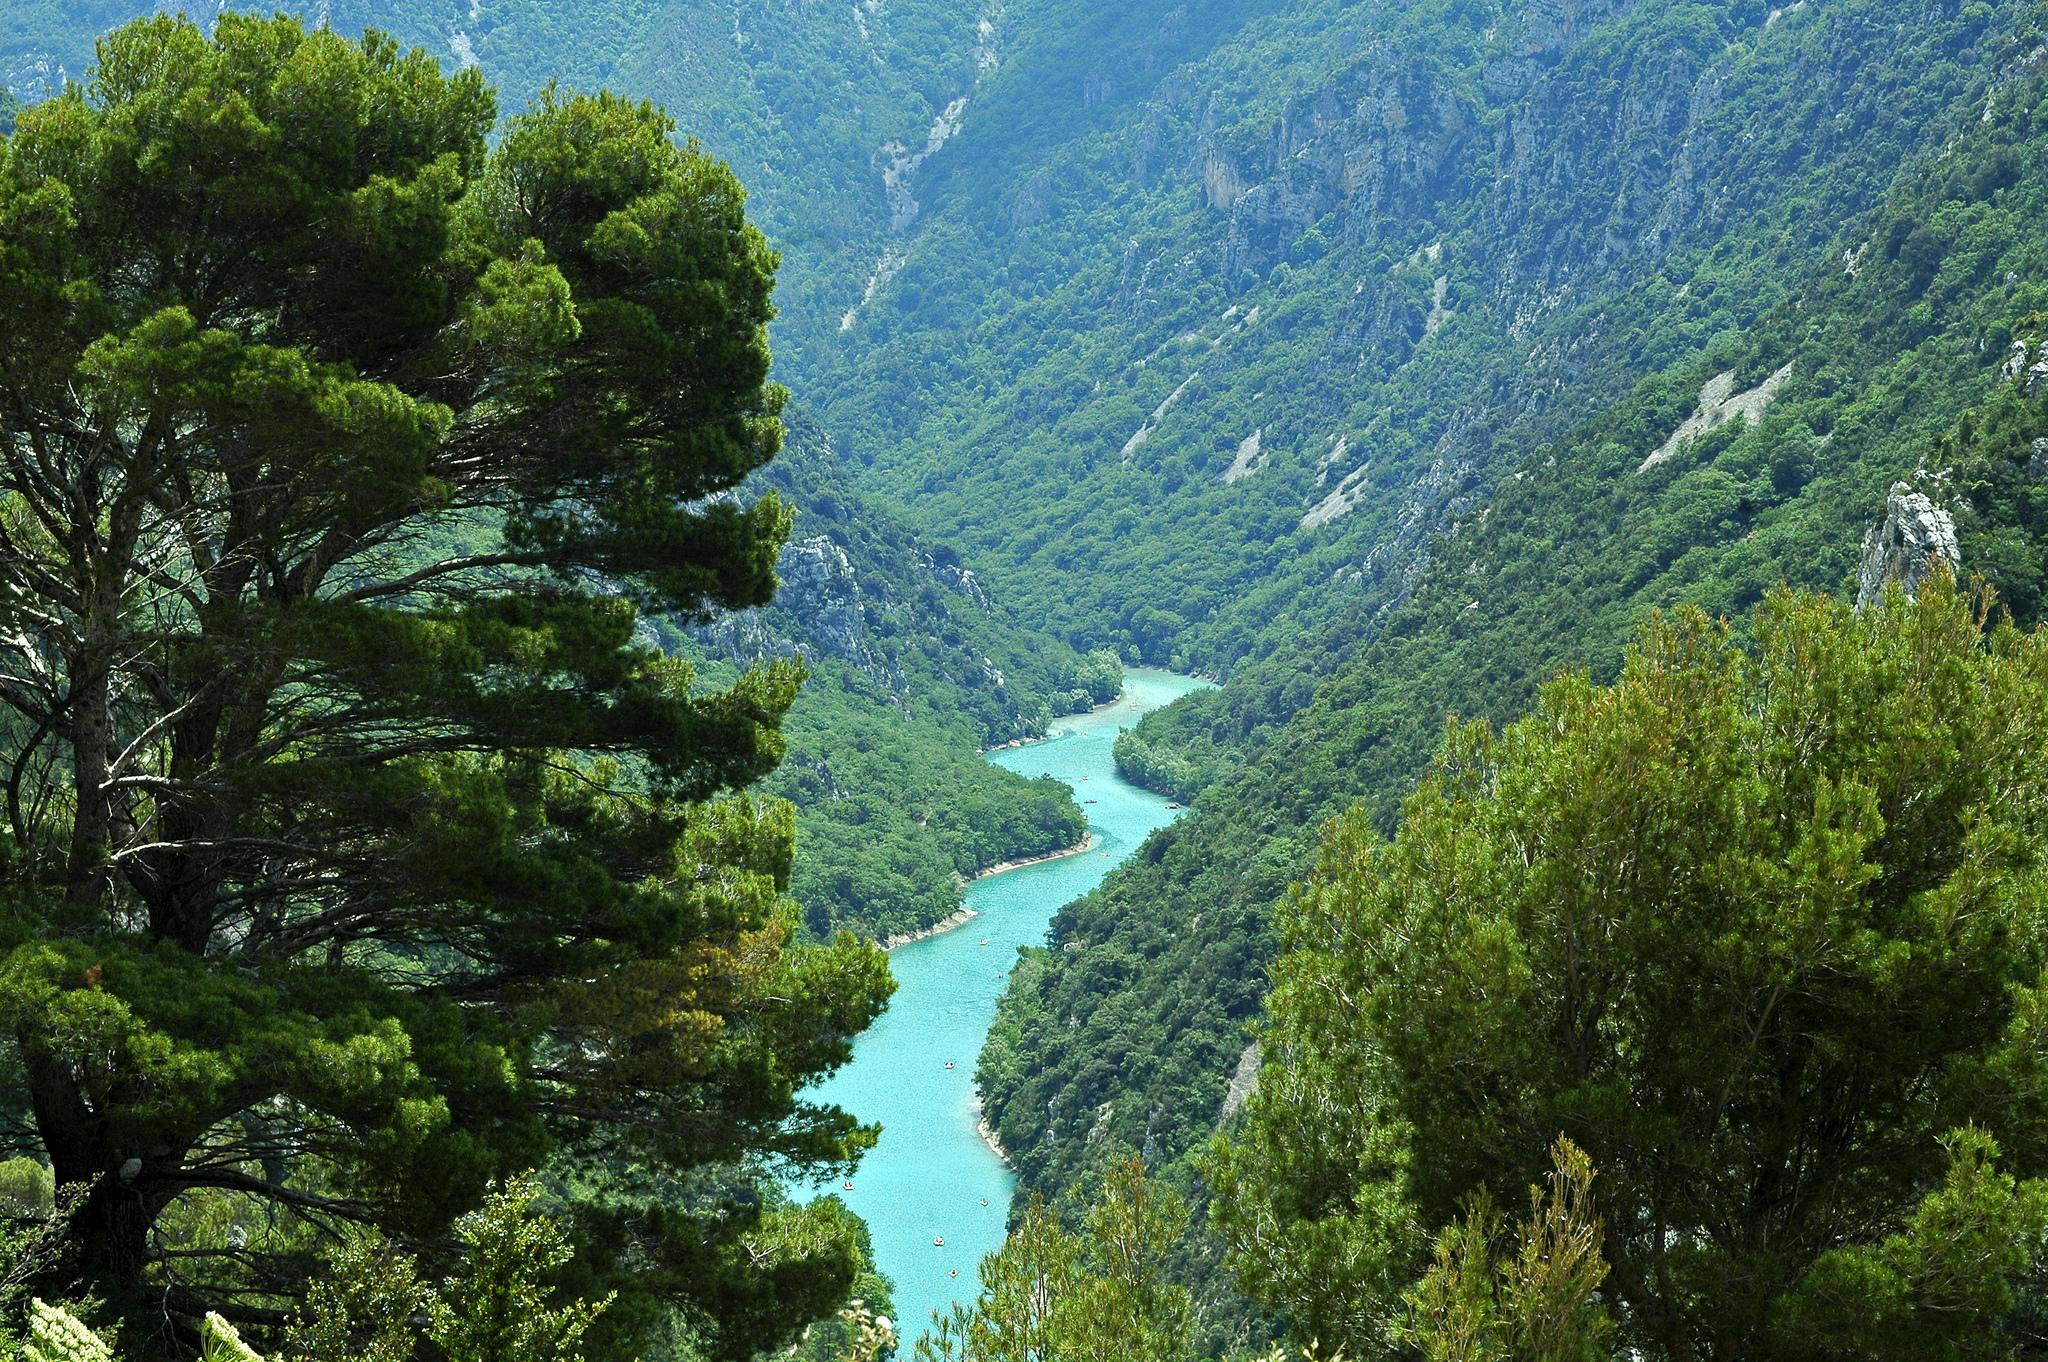 Ferien in Frankreich ohne Massentourismus